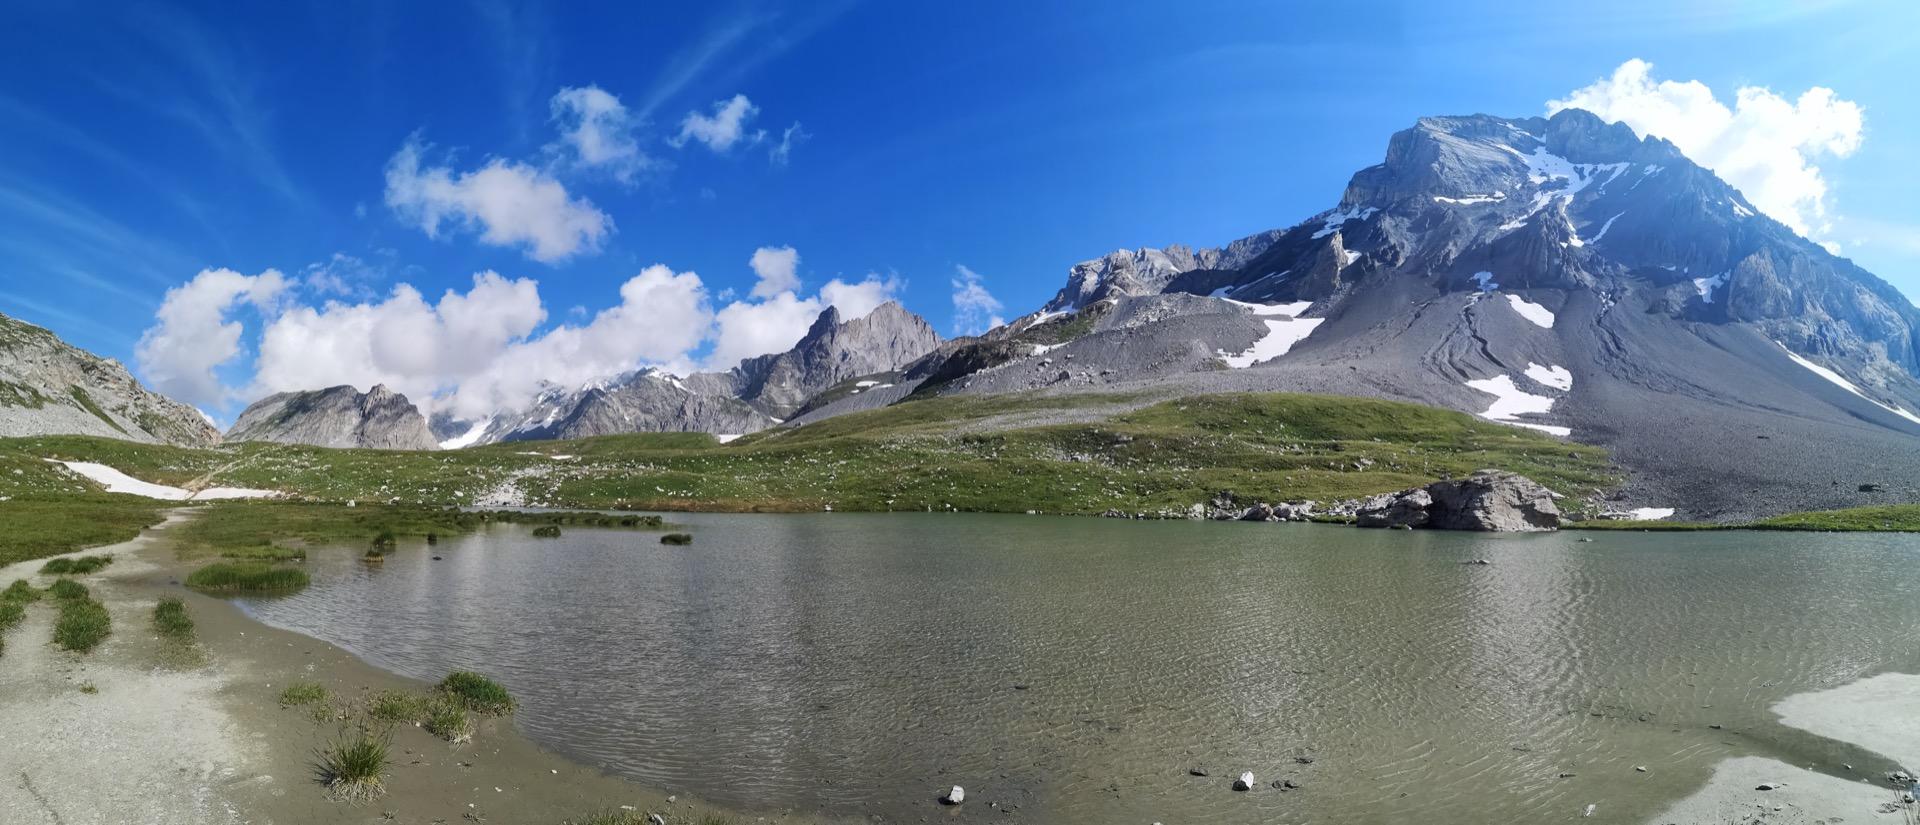 Le Lac Rond, non loin du Col de la Vanoise